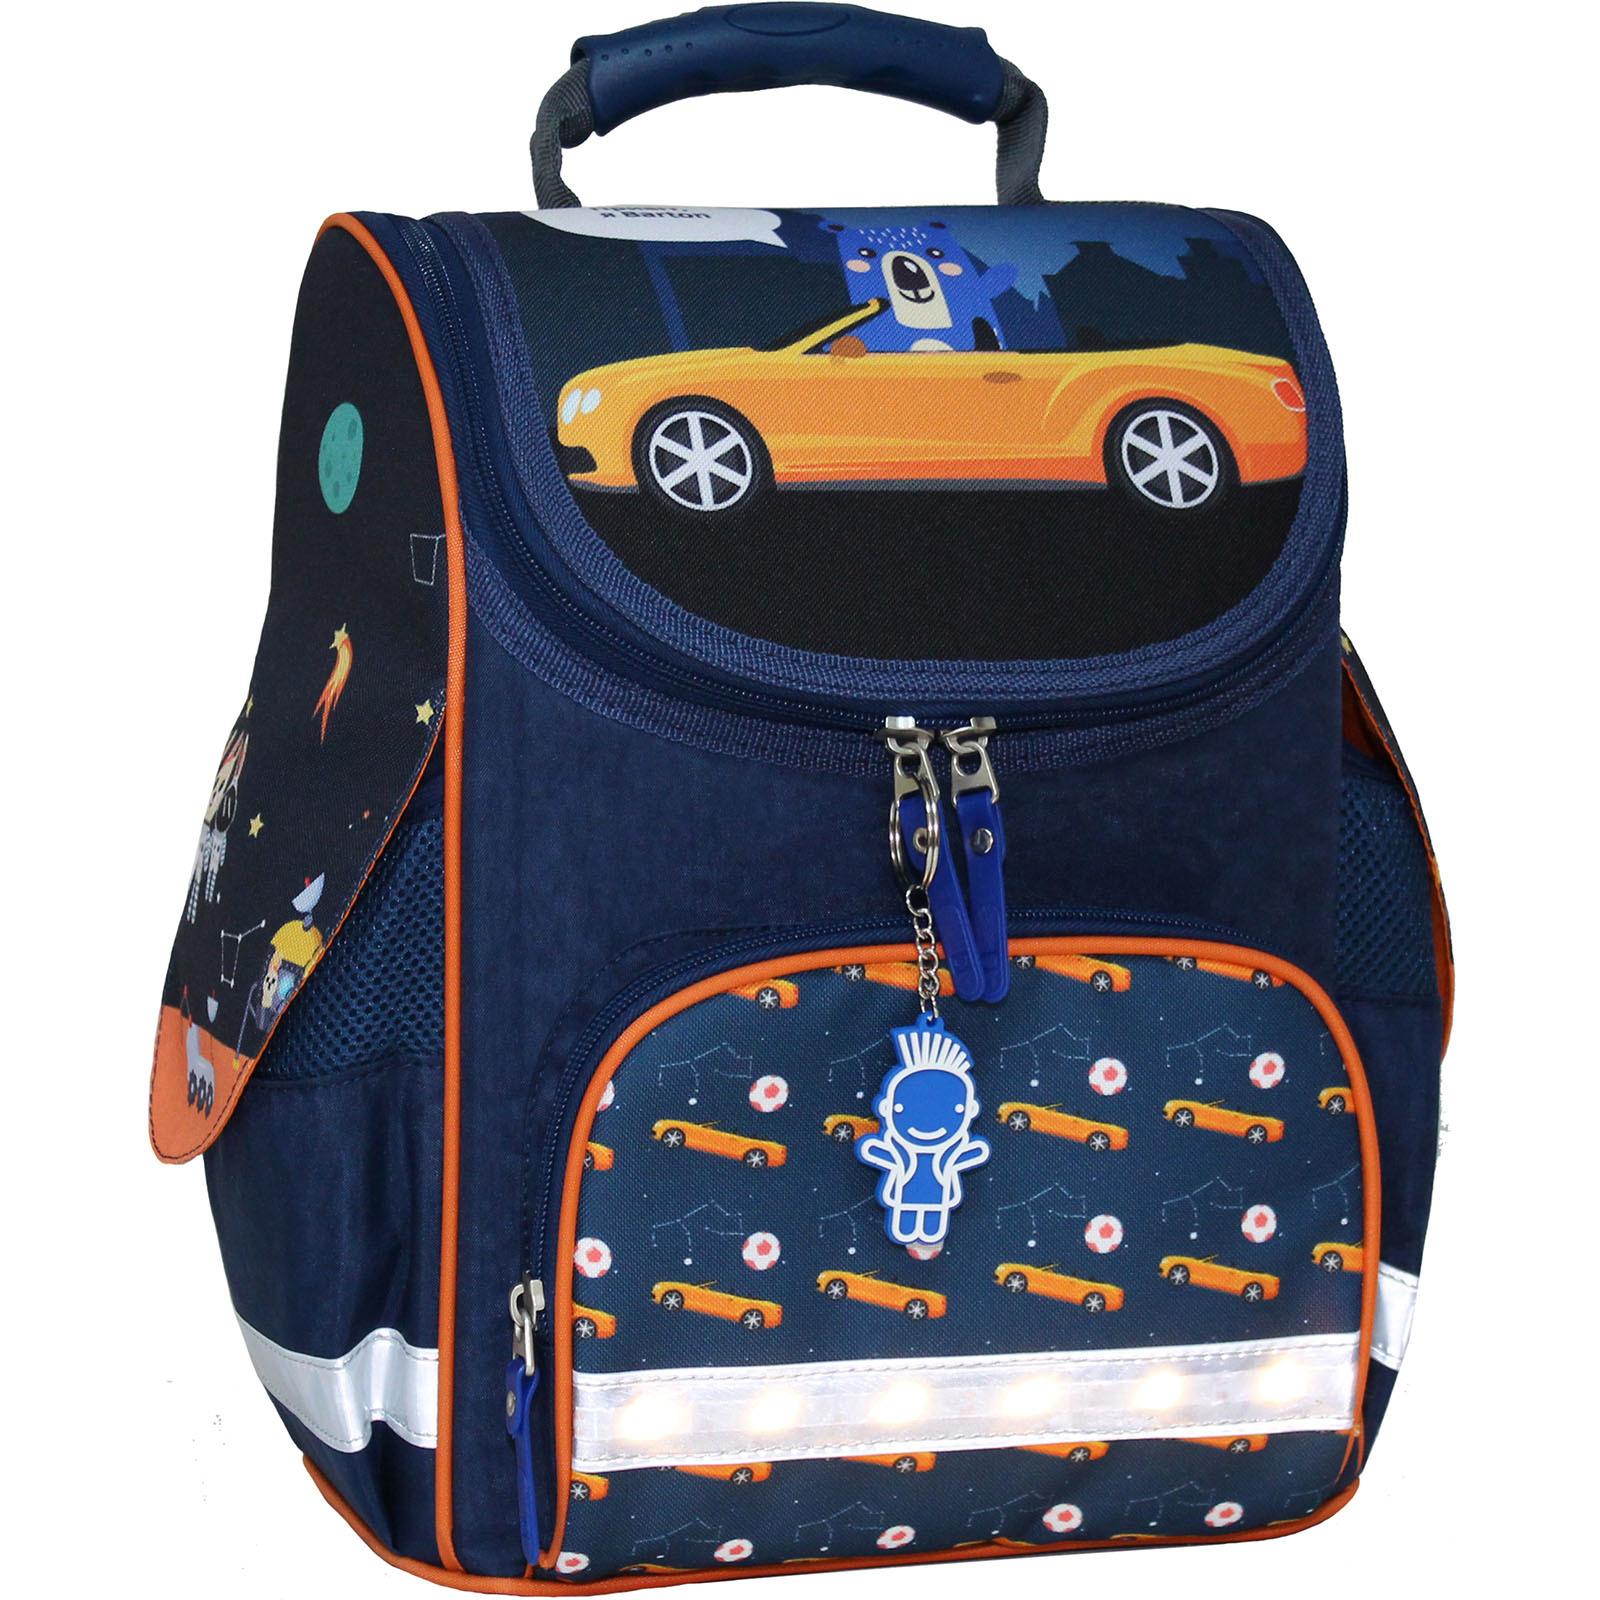 Рюкзак школьный каркасный с фонариками Bagland Успех 12 л. синий 432 (00551703)